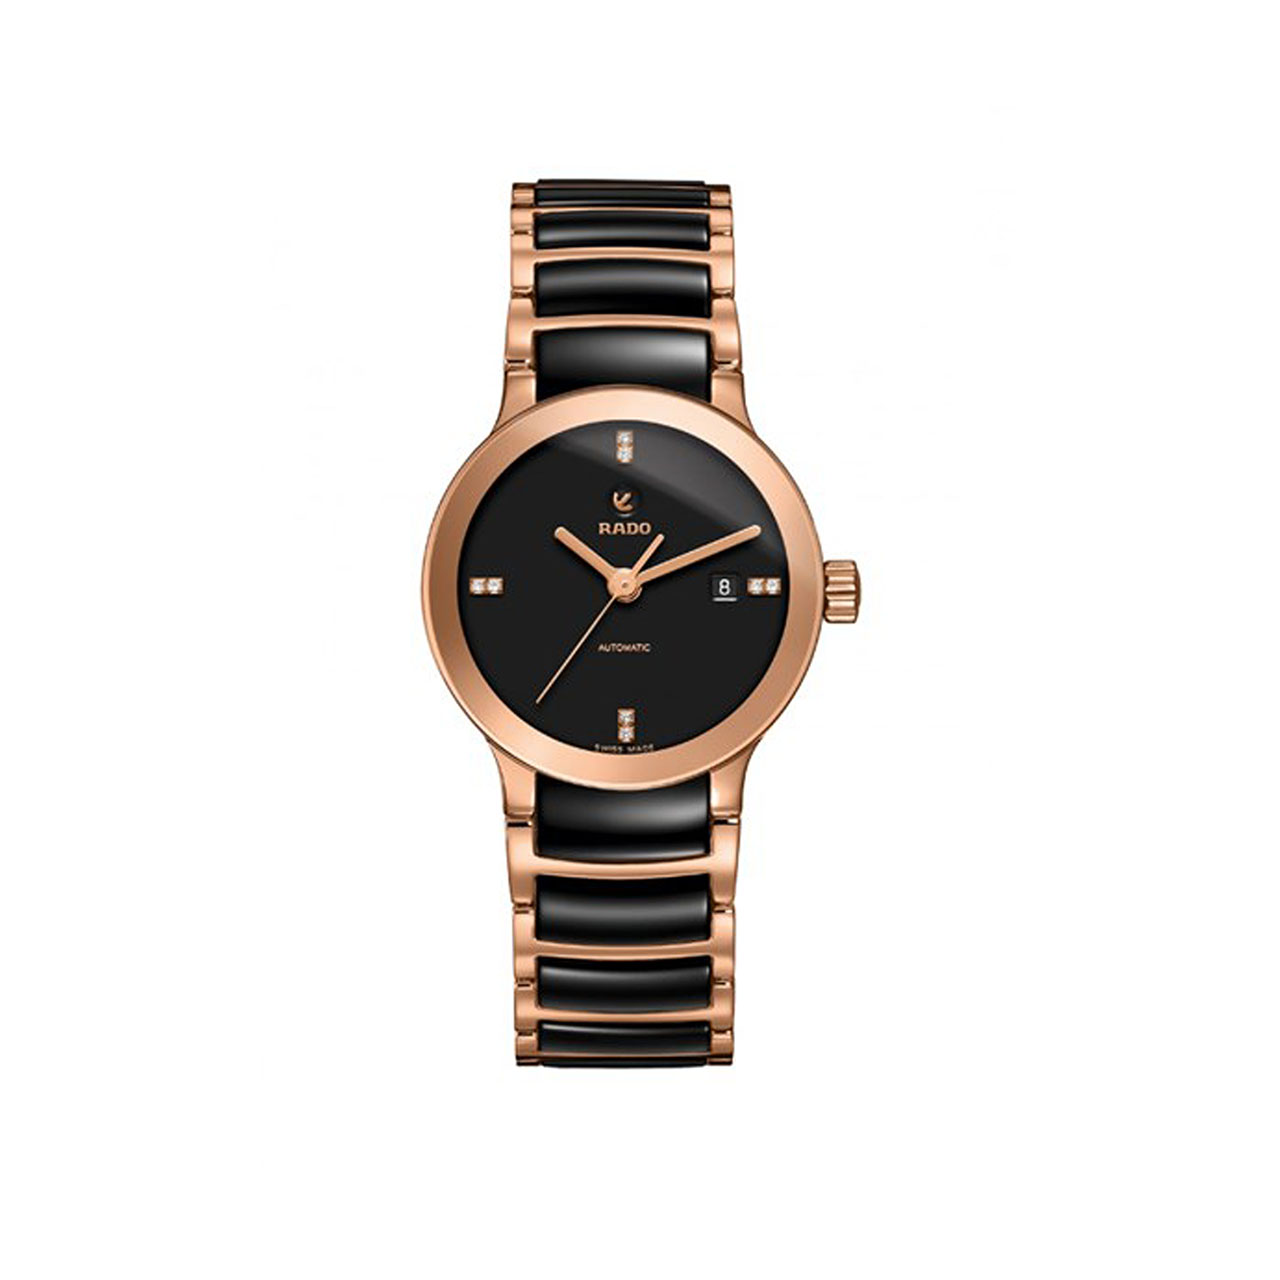 خرید                                      ساعت مچی عقربه ای زنانه رادو مدل 561.0183.3.071